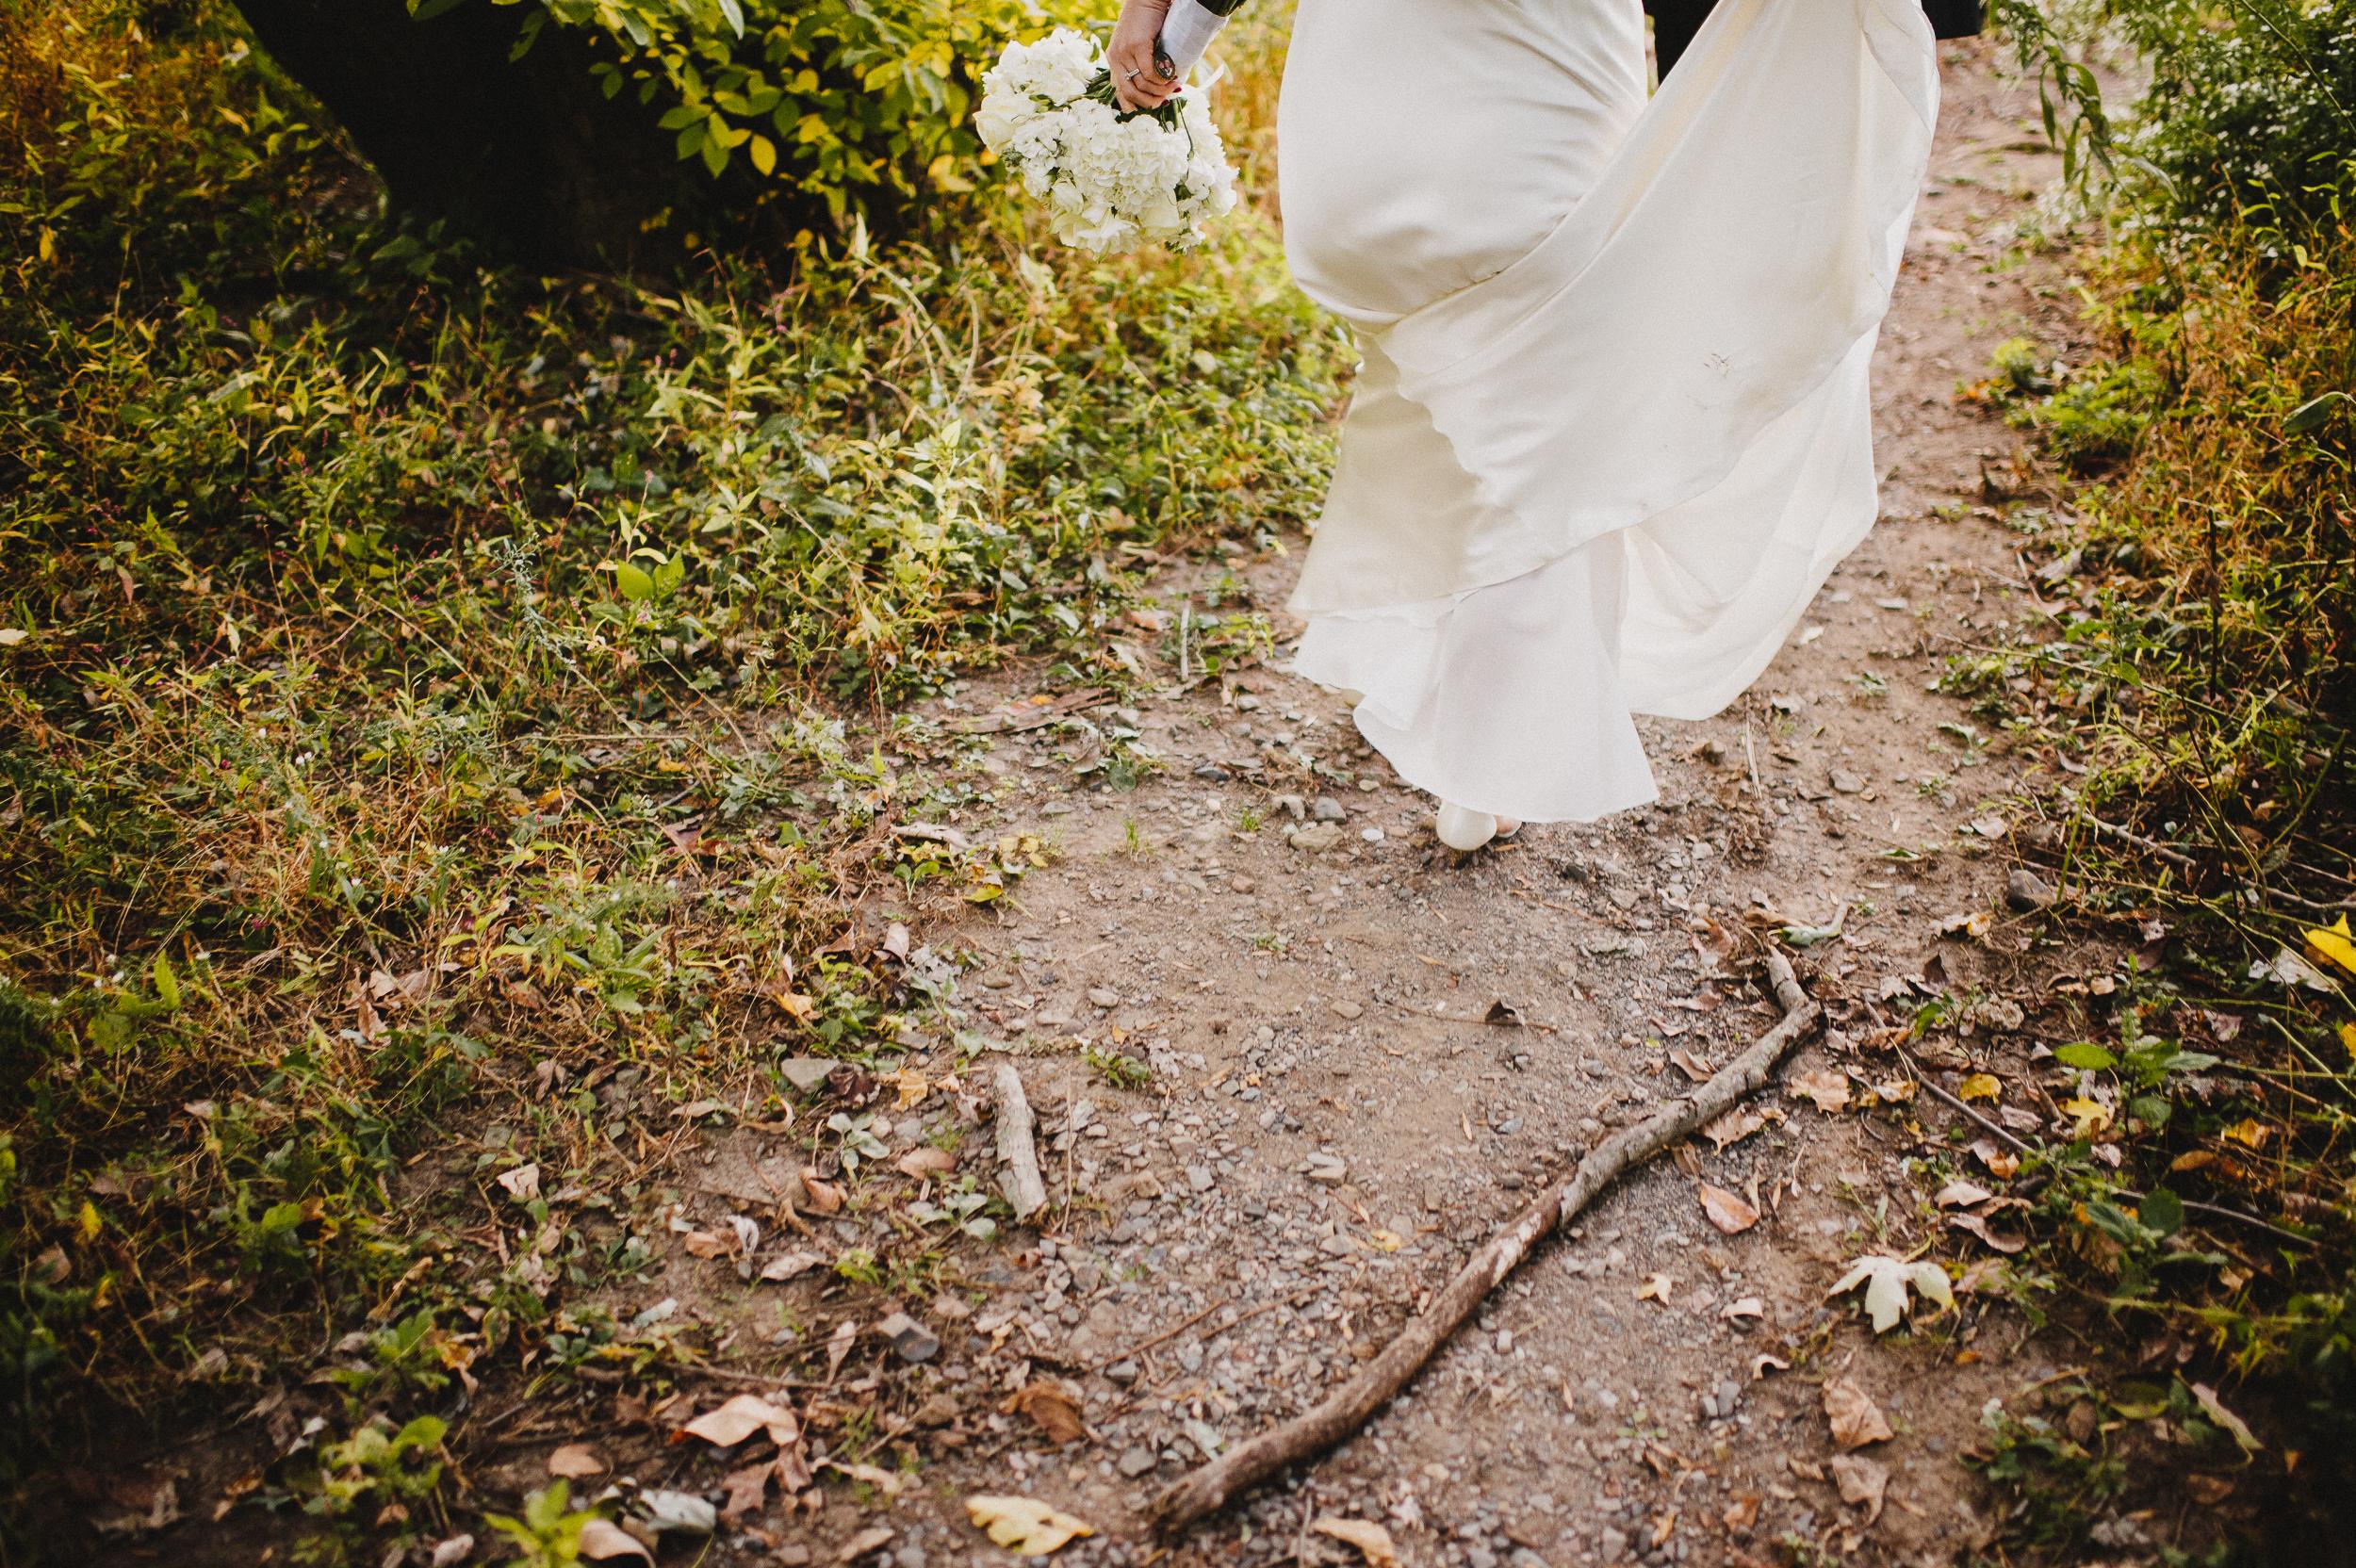 lambertville-station-wedding-photographer-28.jpg